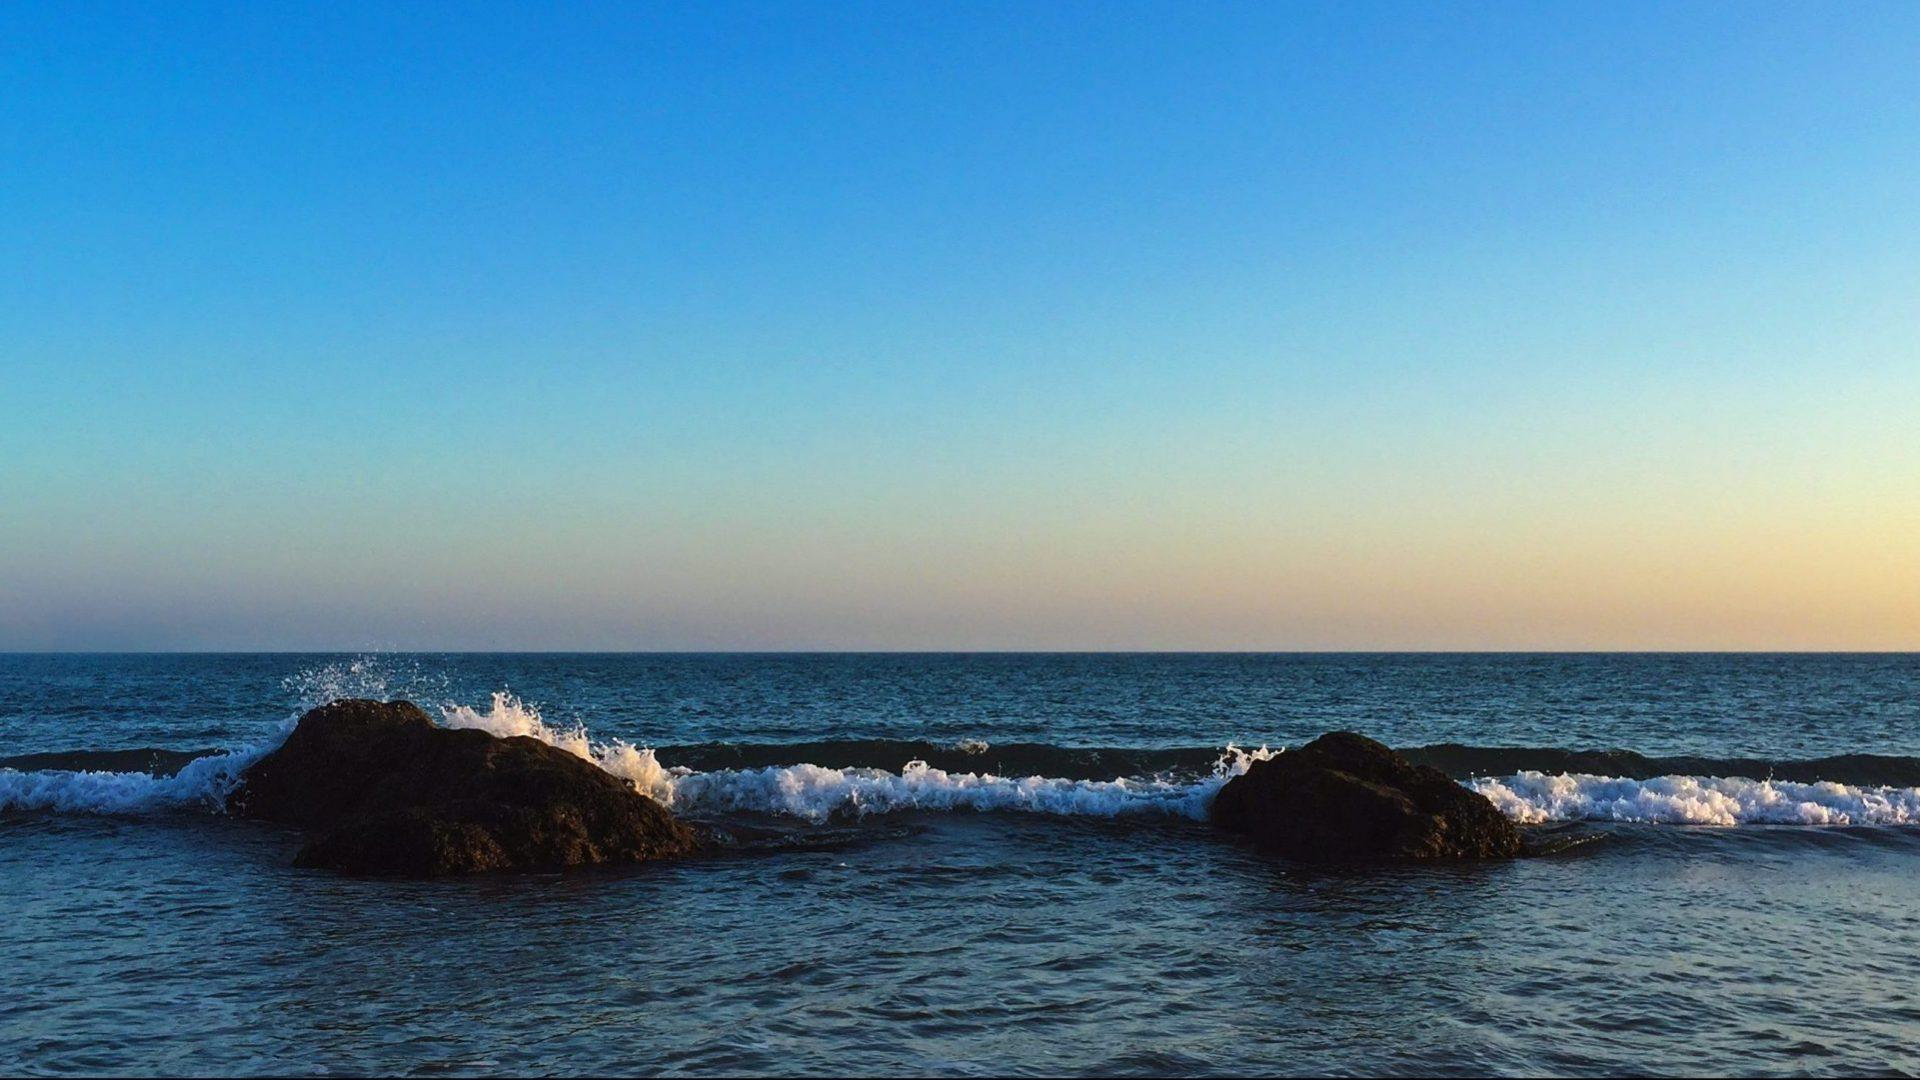 Meeresblick - Gott kennen